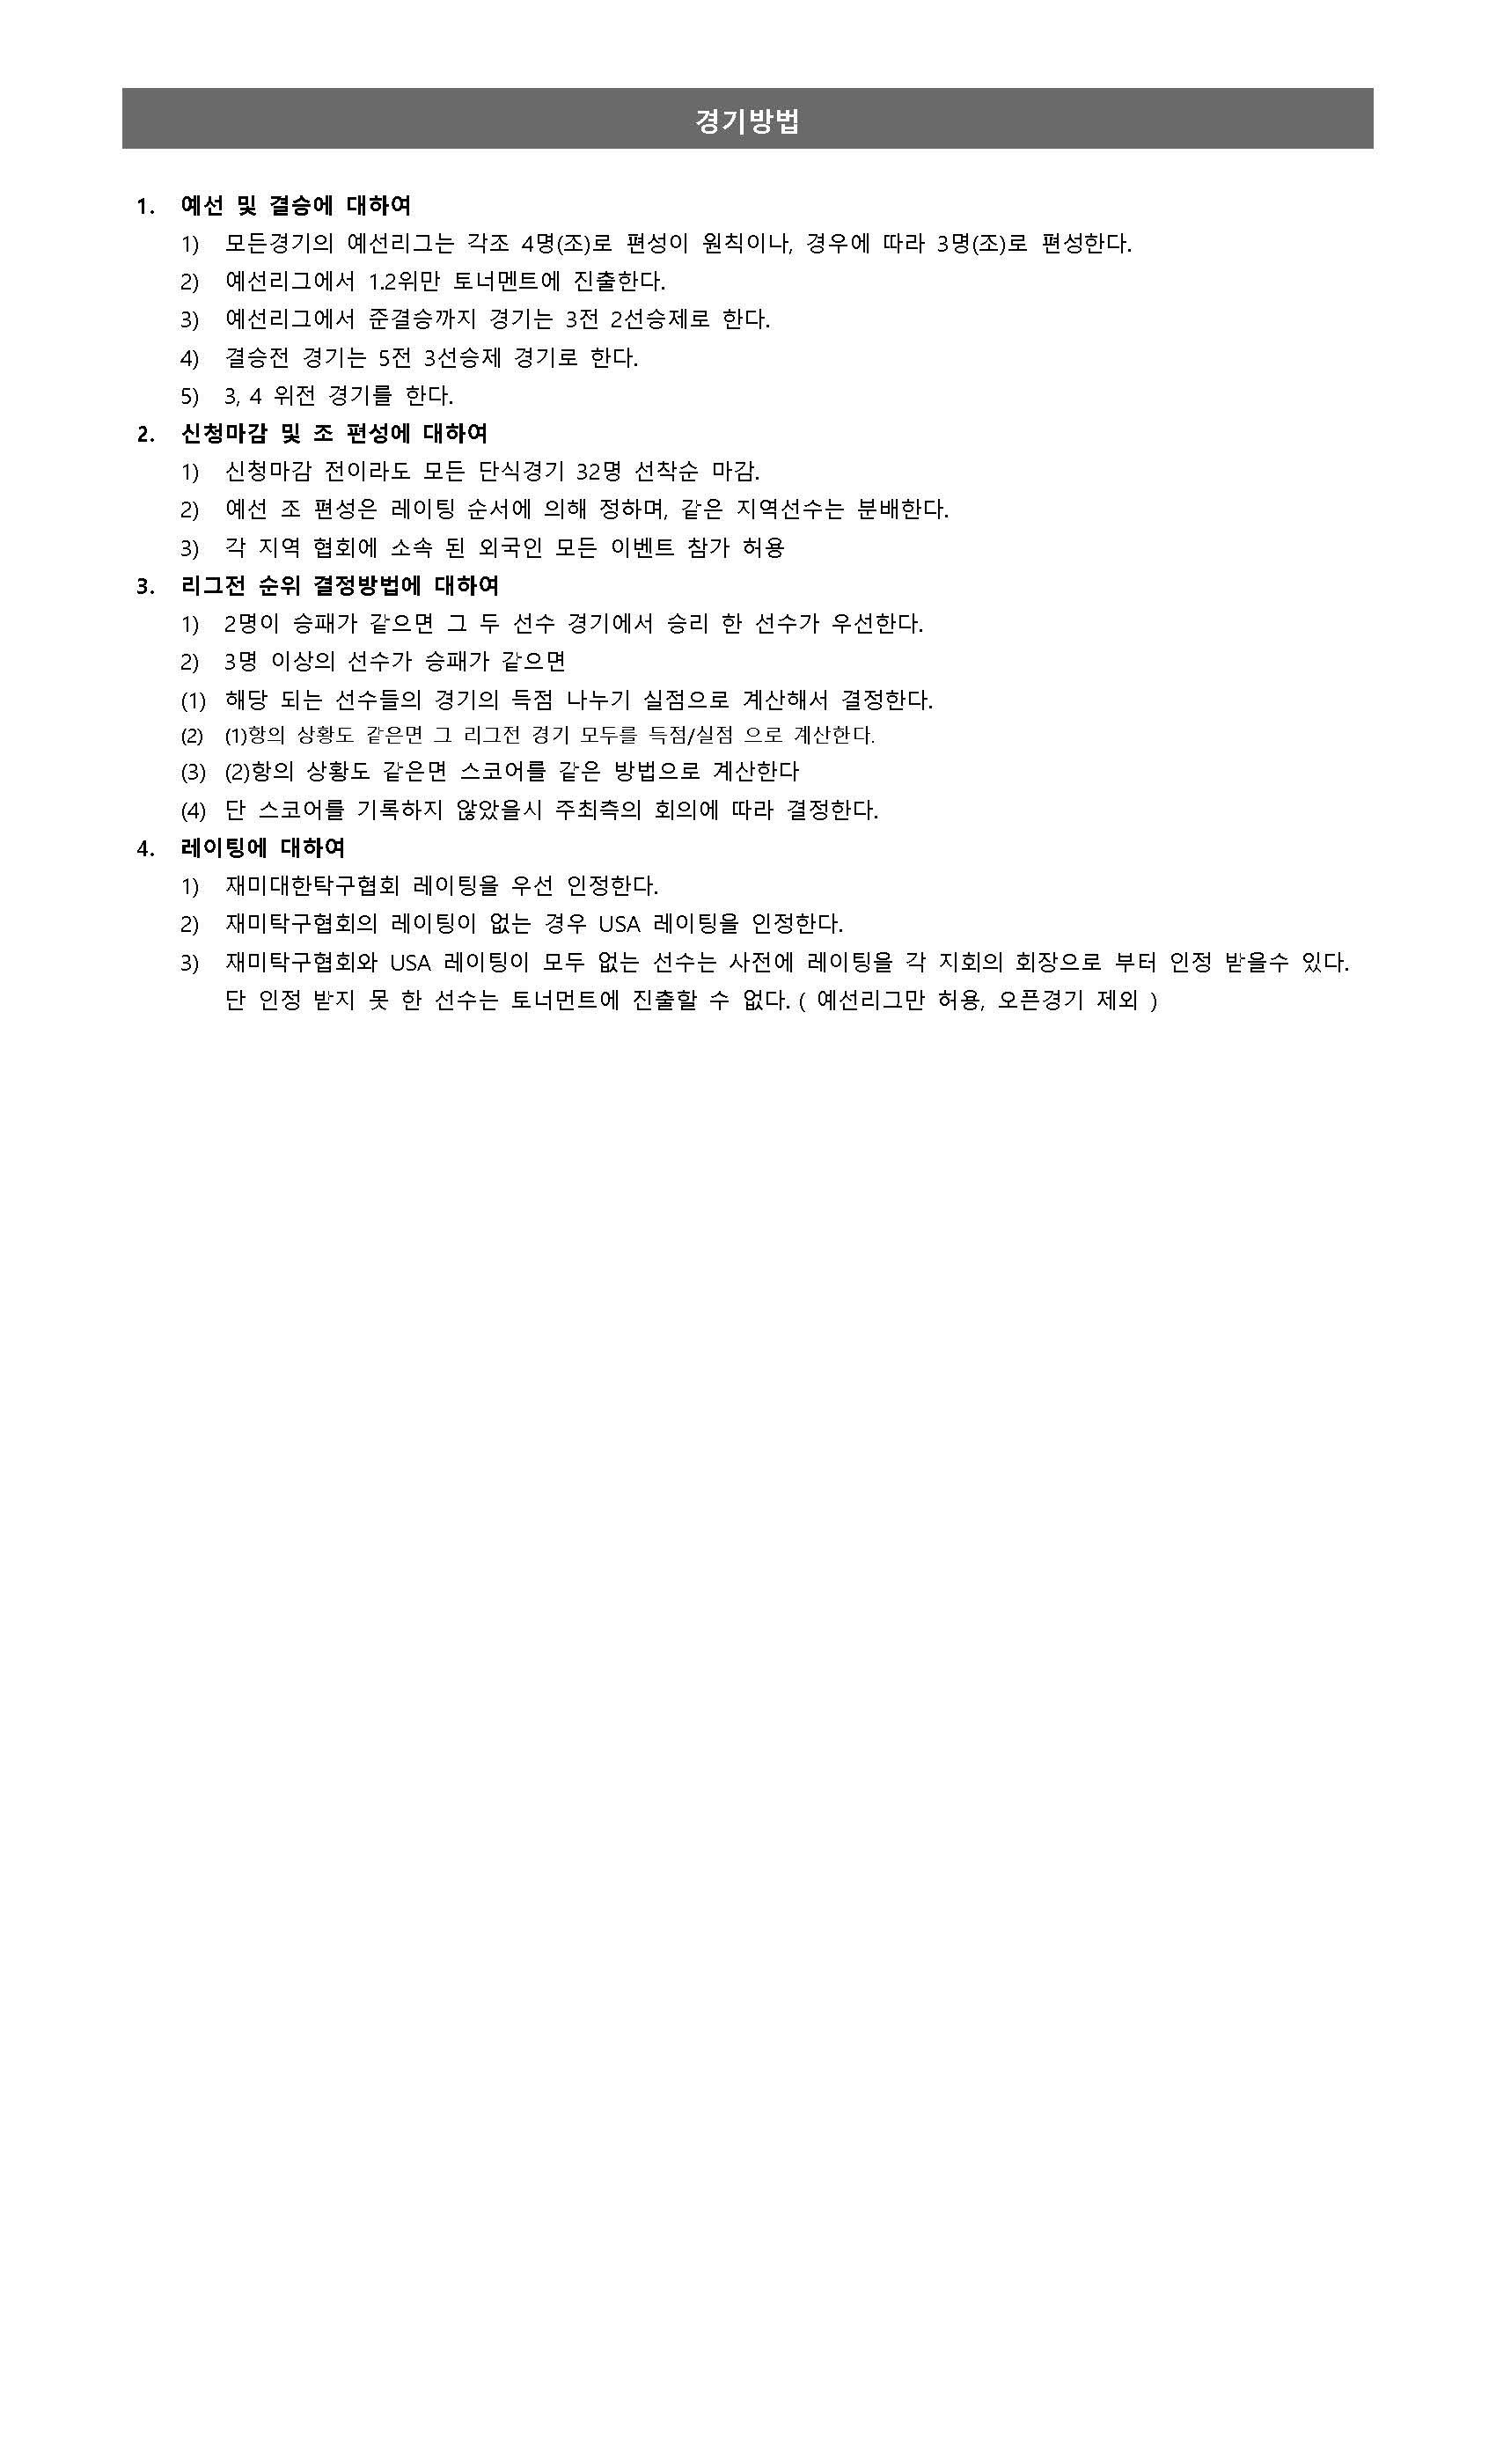 제25회 뉴욕 대한체육회장배 한인탁구대회요강_0718_Page_2.jpg